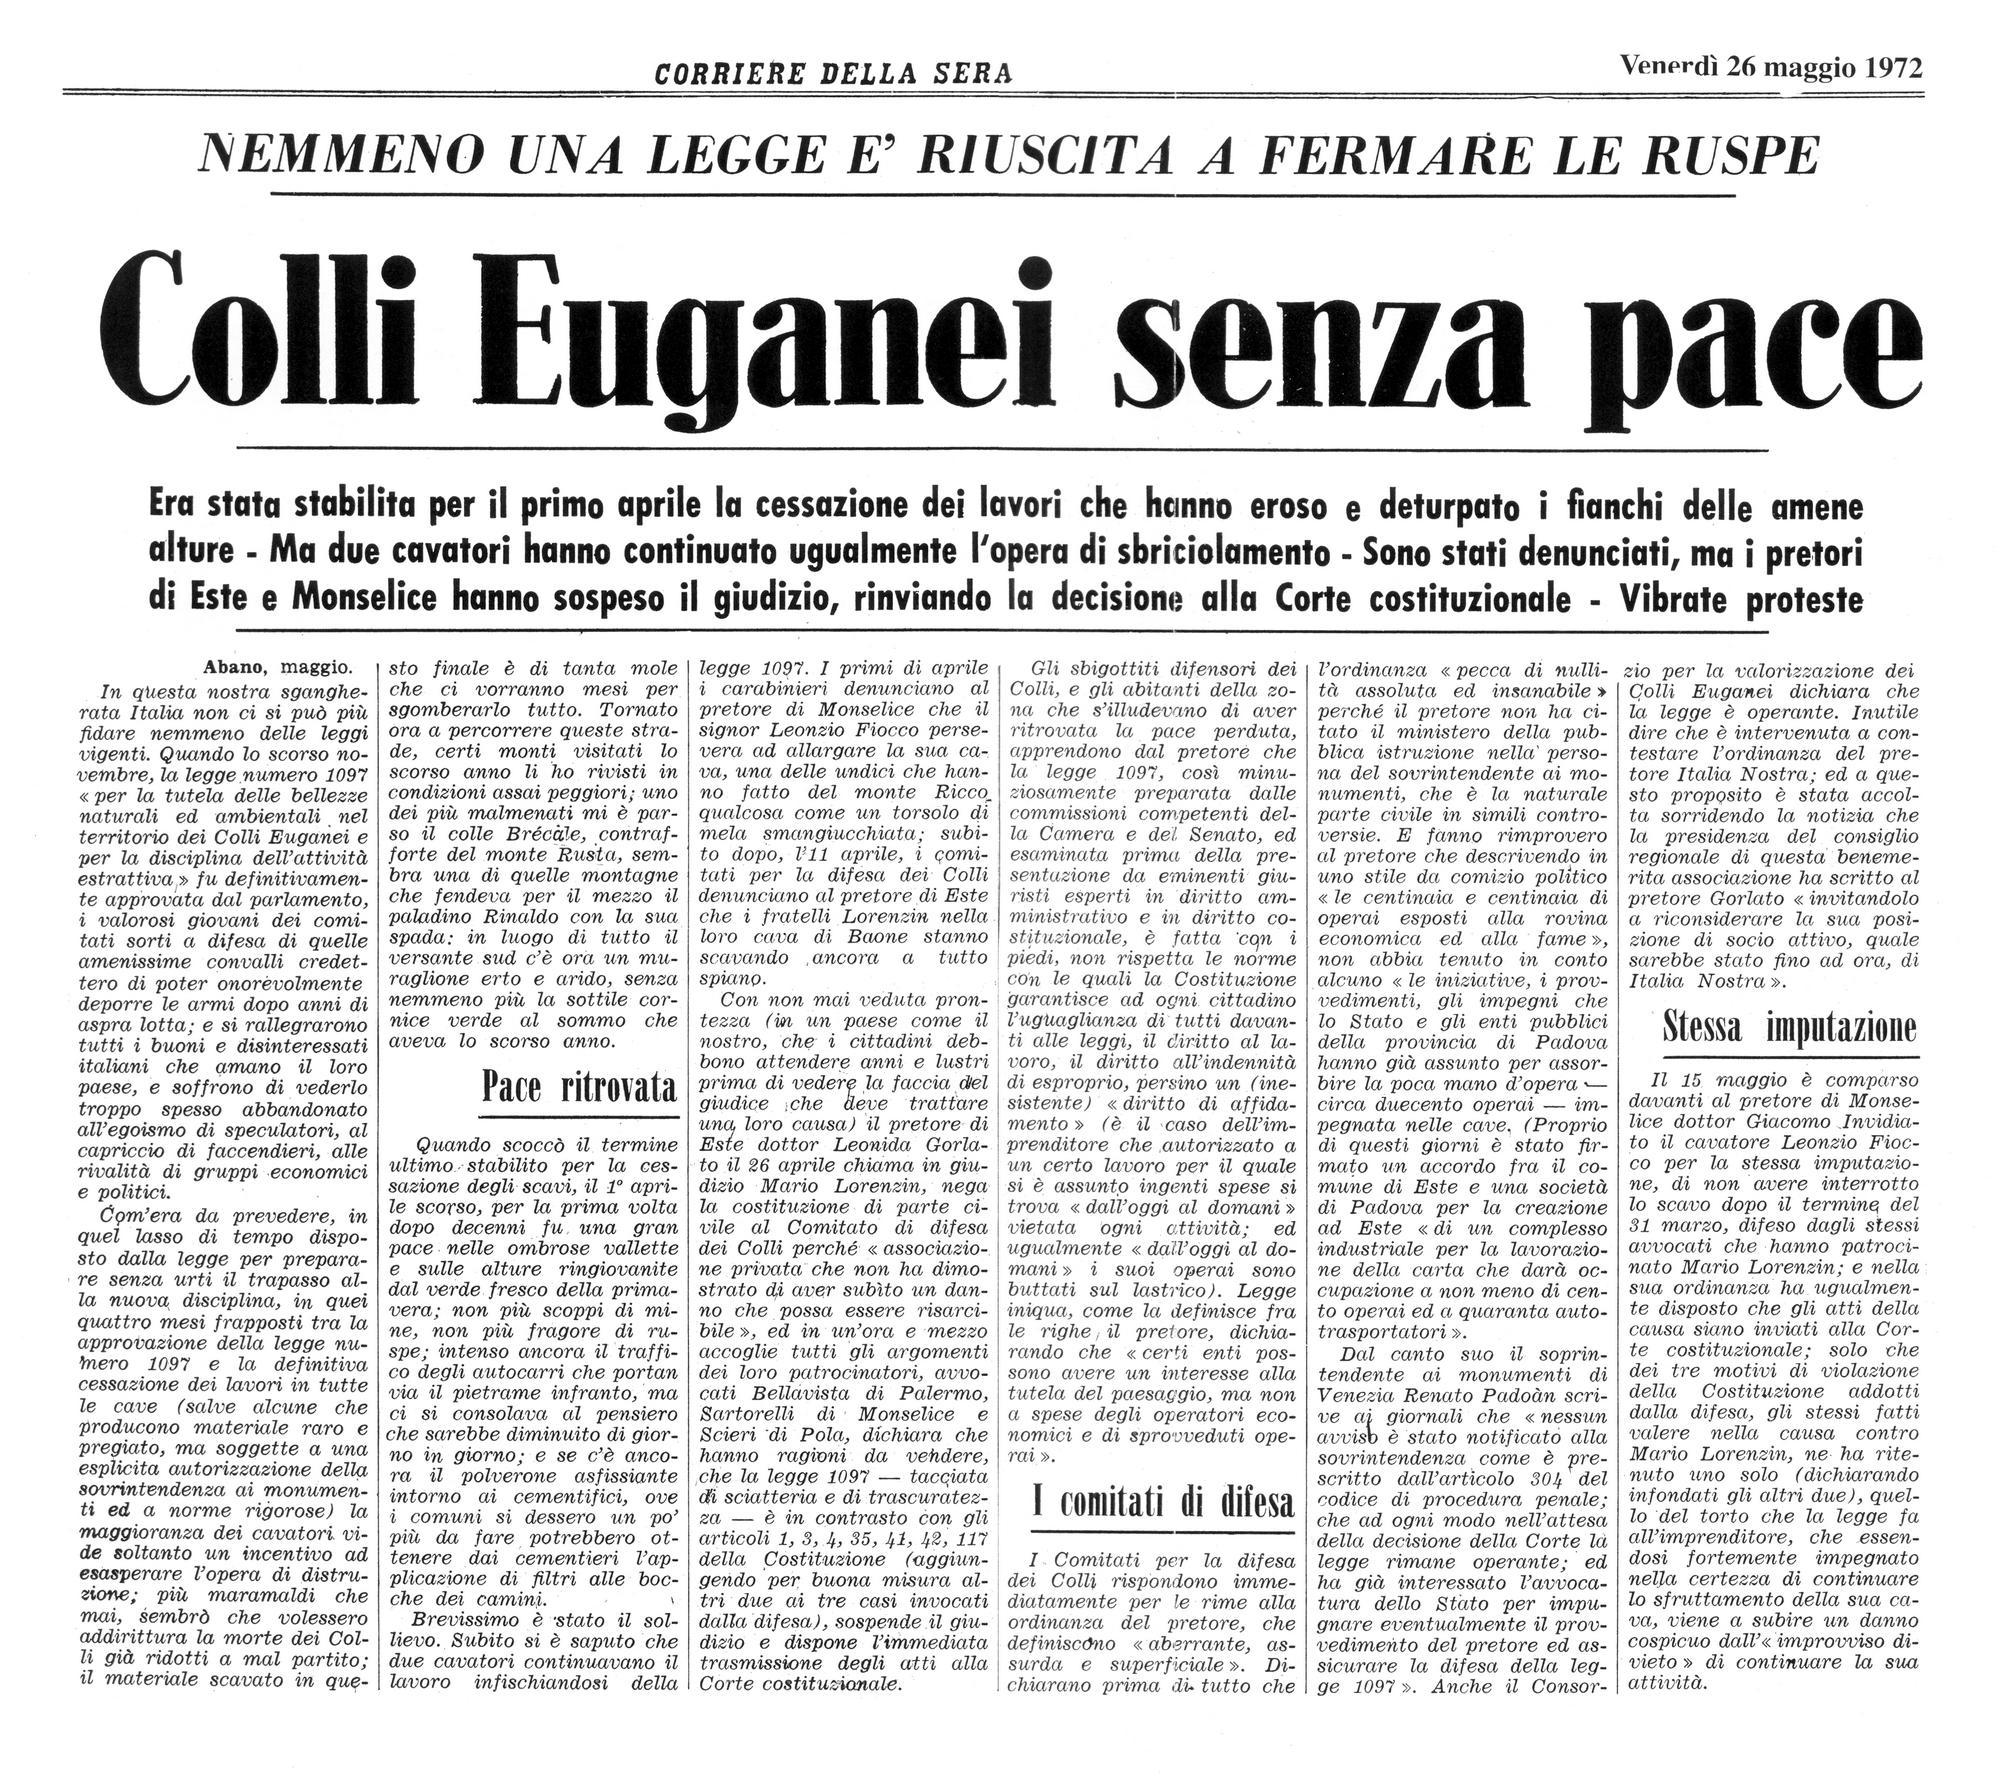 Colli Euganei senza pace. Articolo del 26 maggio 1972, prima parte.